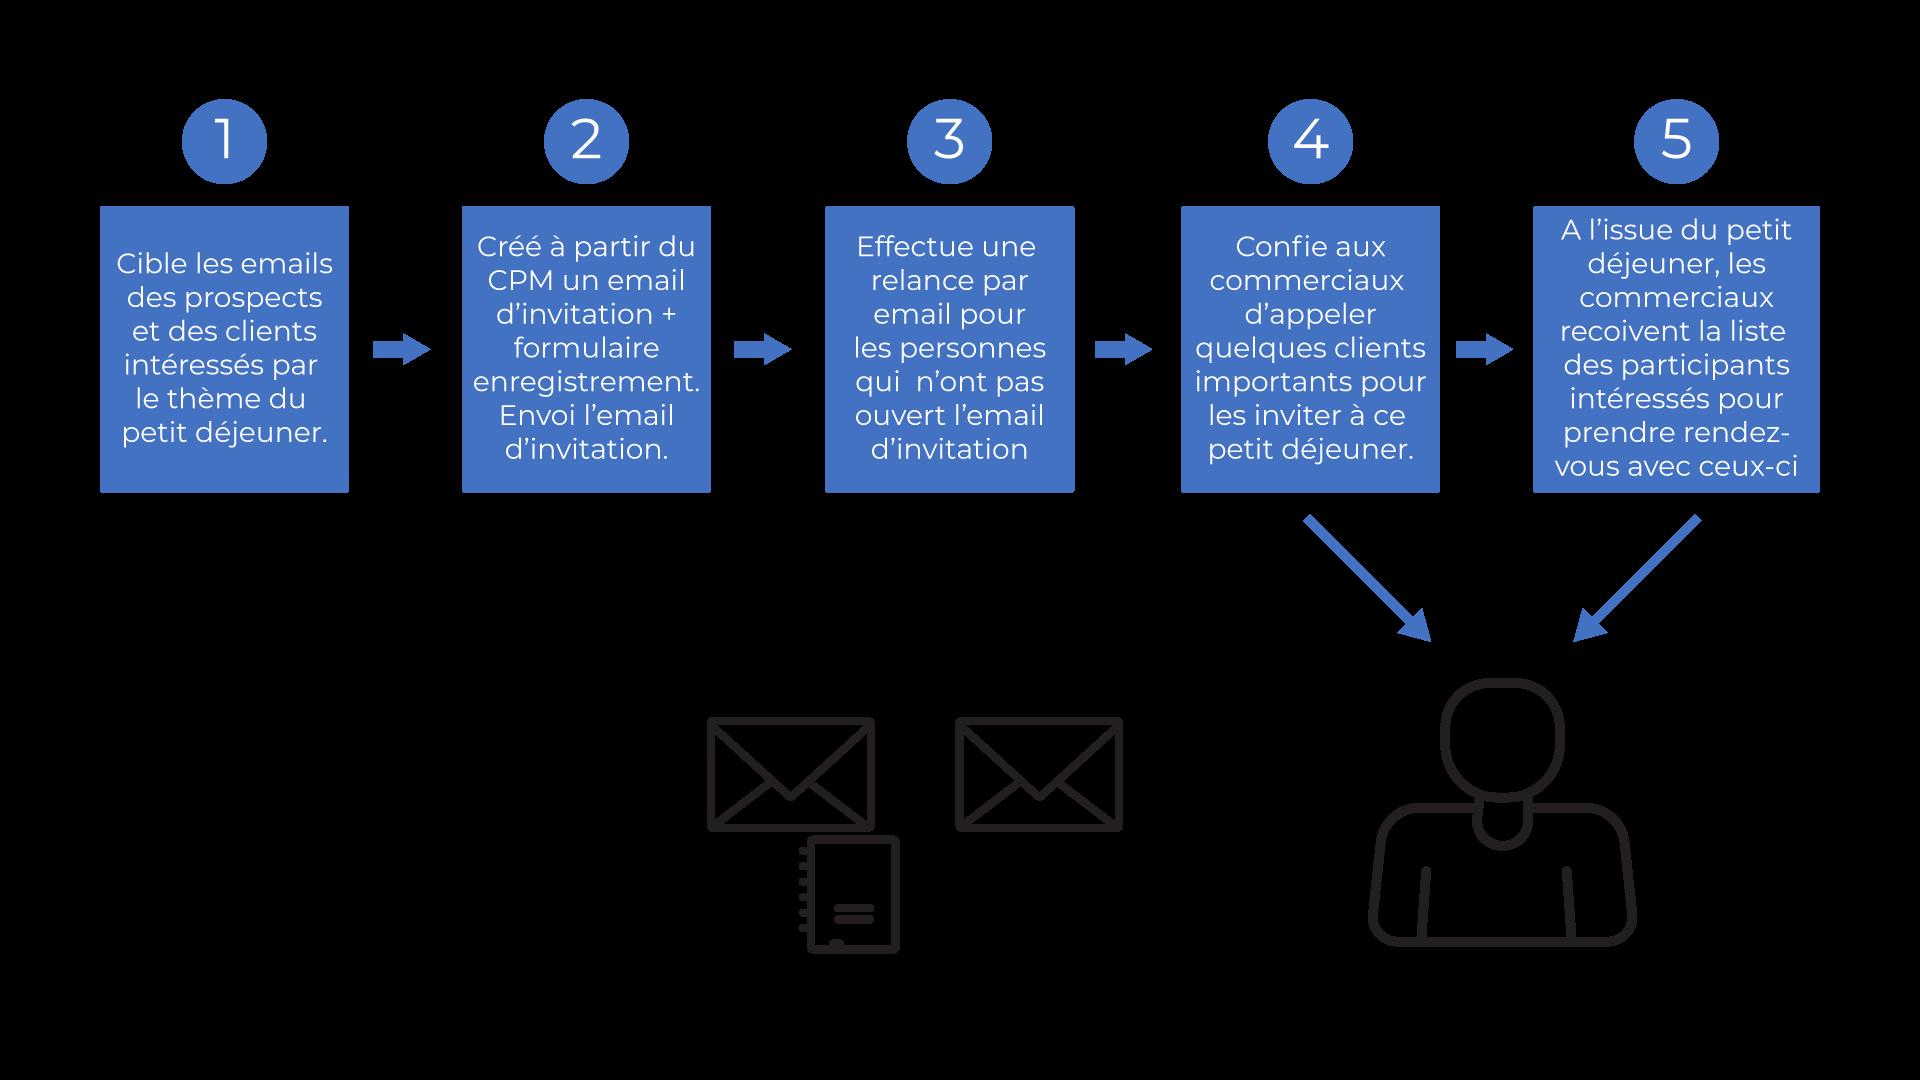 Process d'un CRM lors d'une gestion de campagne marketing